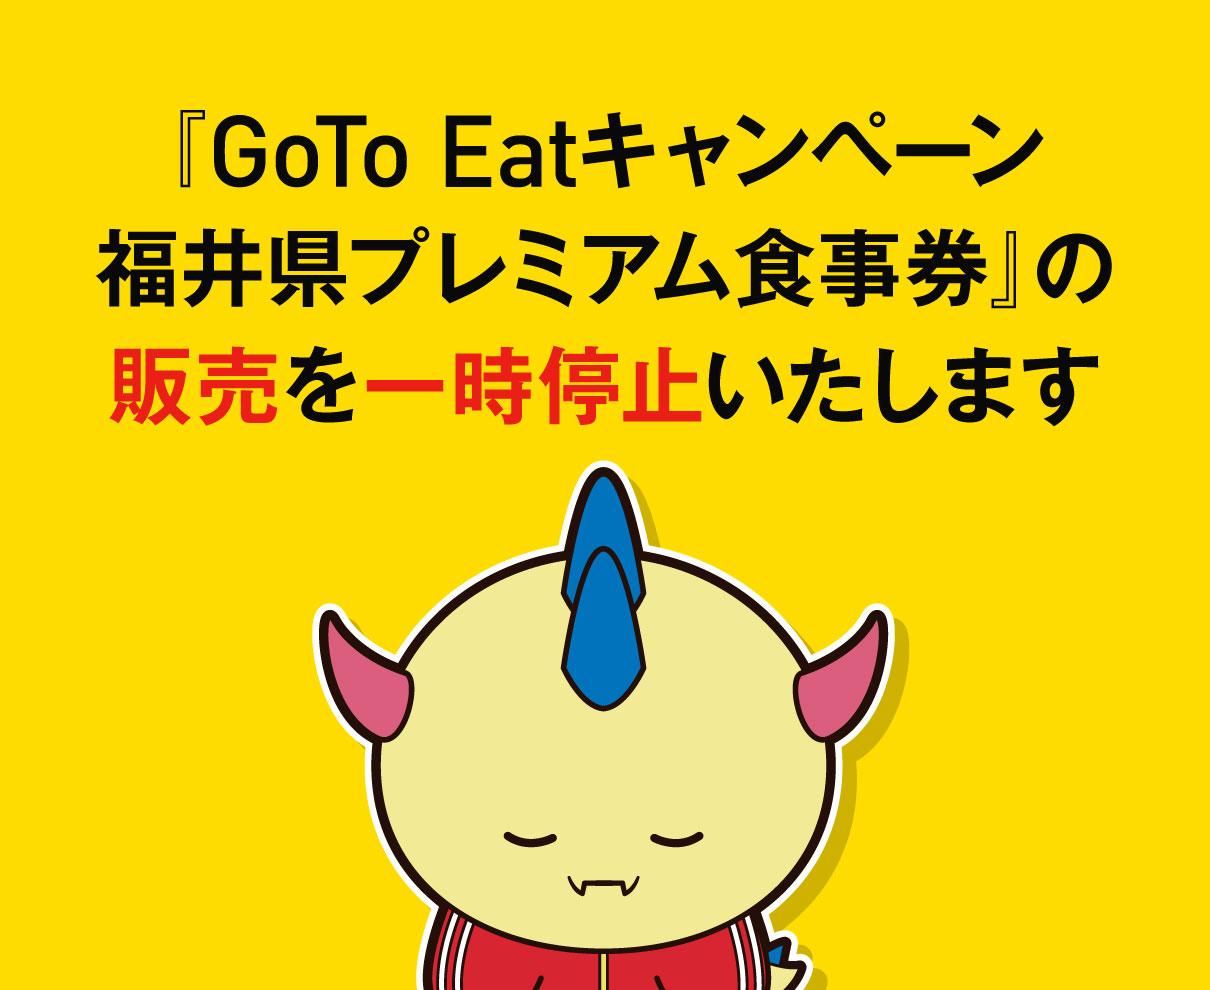 【速報】「福井県プレミアム食事券」の新規予約・販売の一時停止が決定。